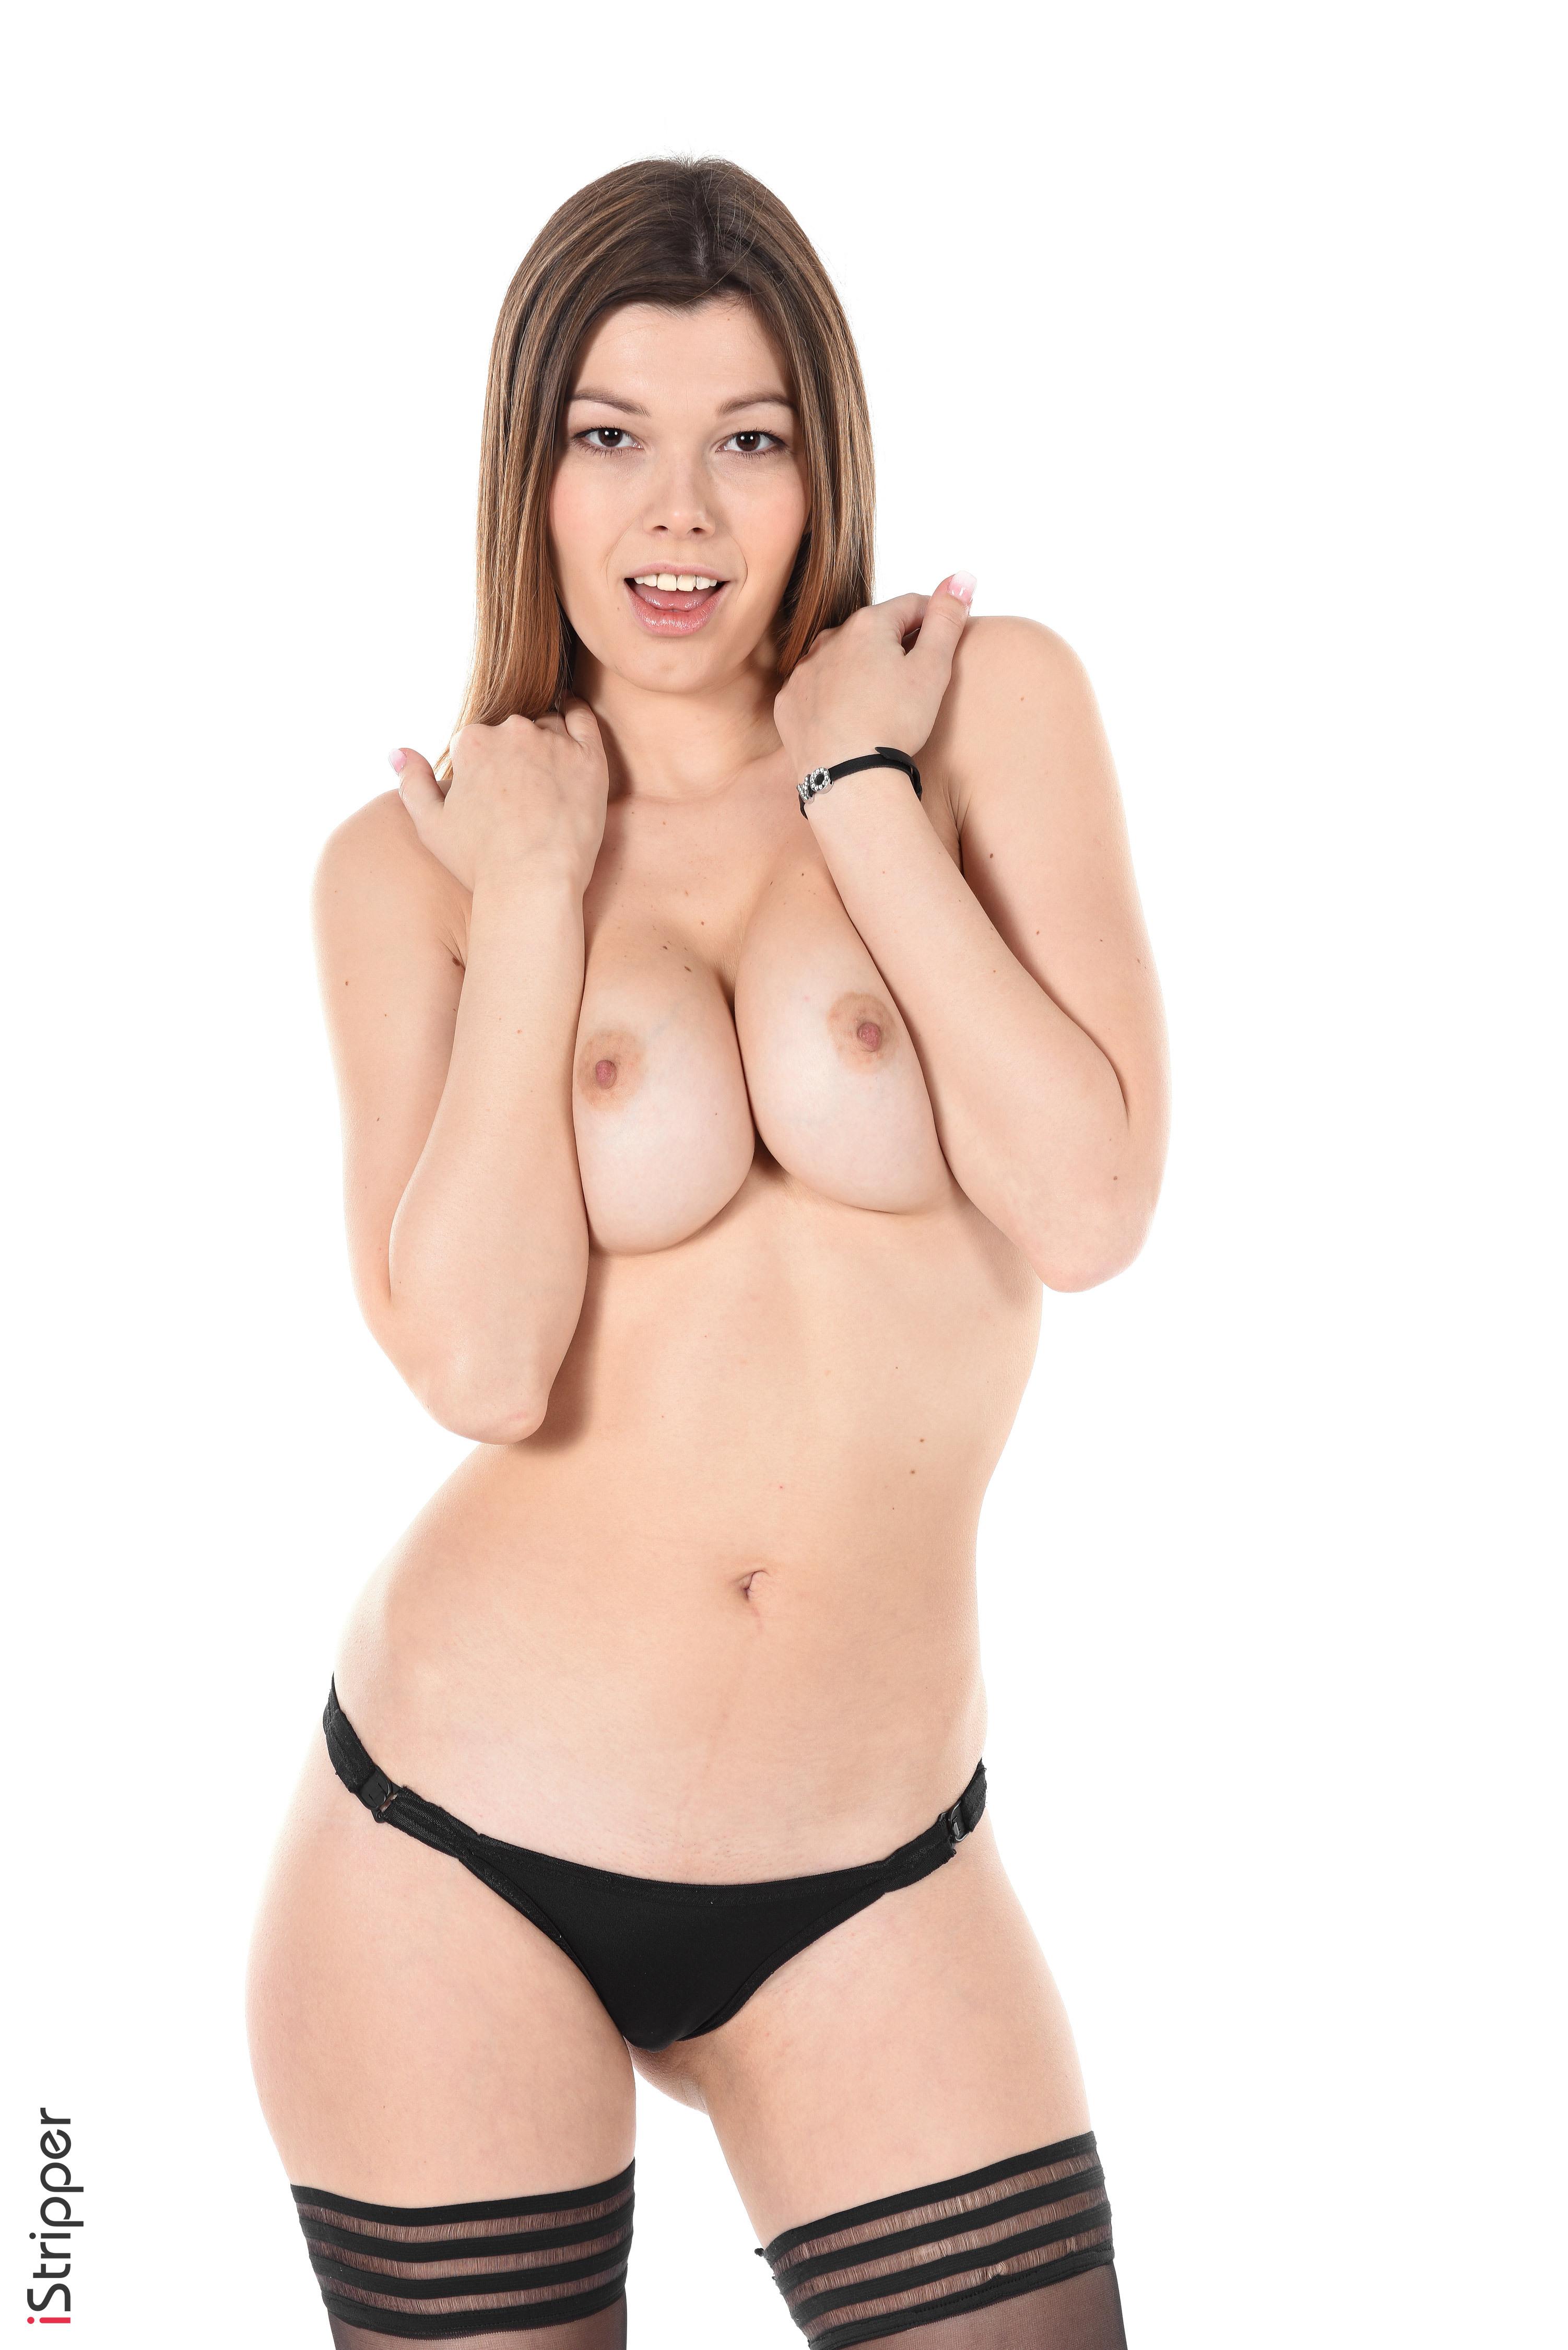 ass pussy wallpaper